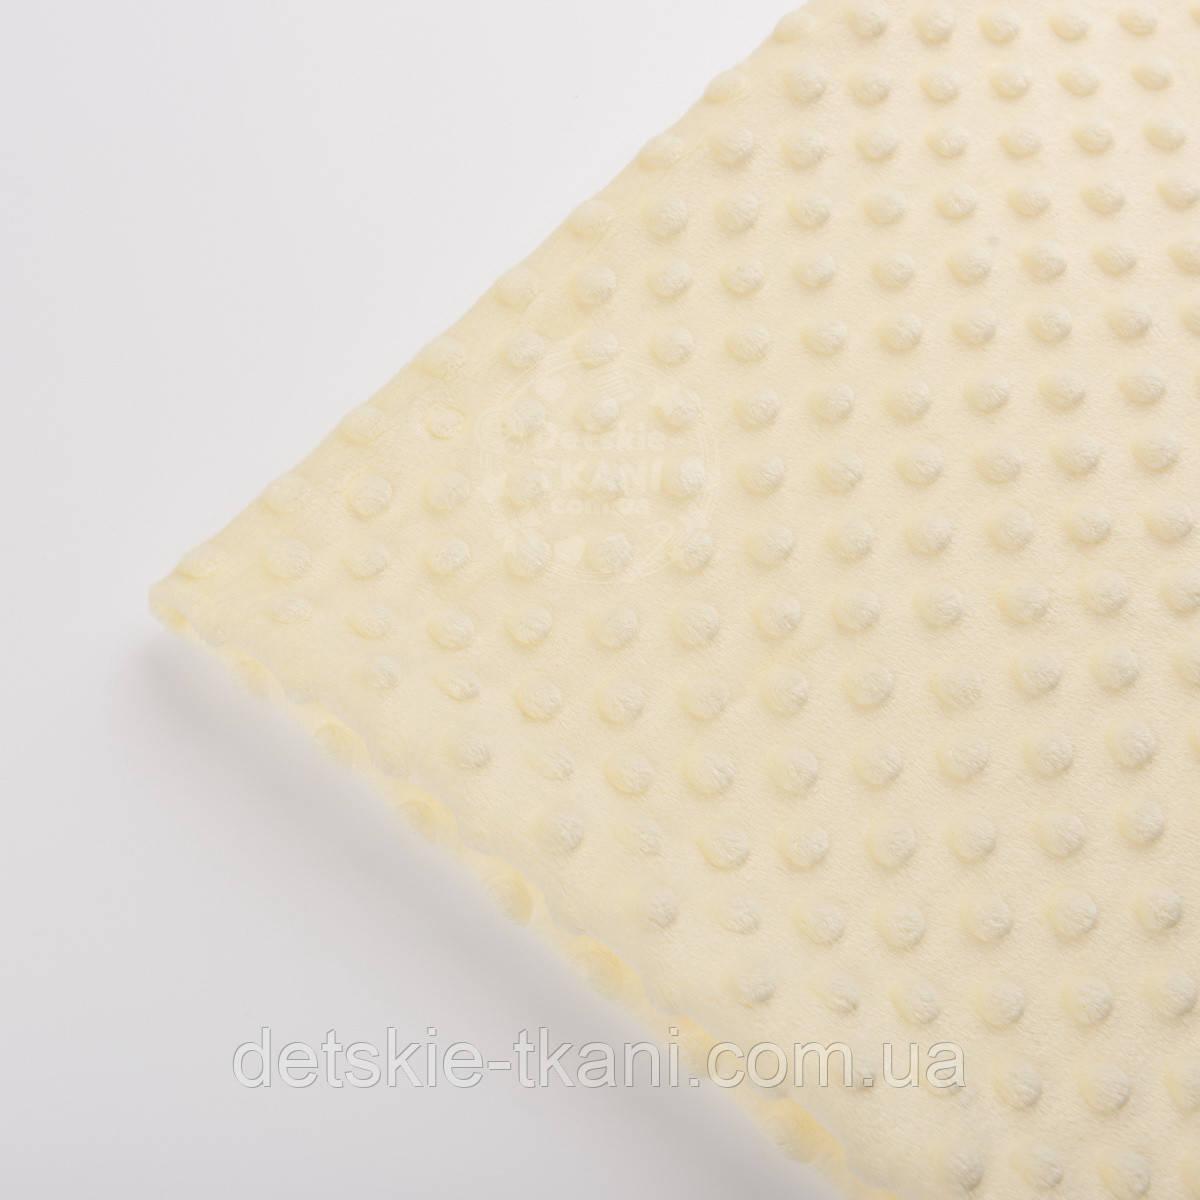 Отрез плюш minky М-8 размером 80*80 см кремового цвета